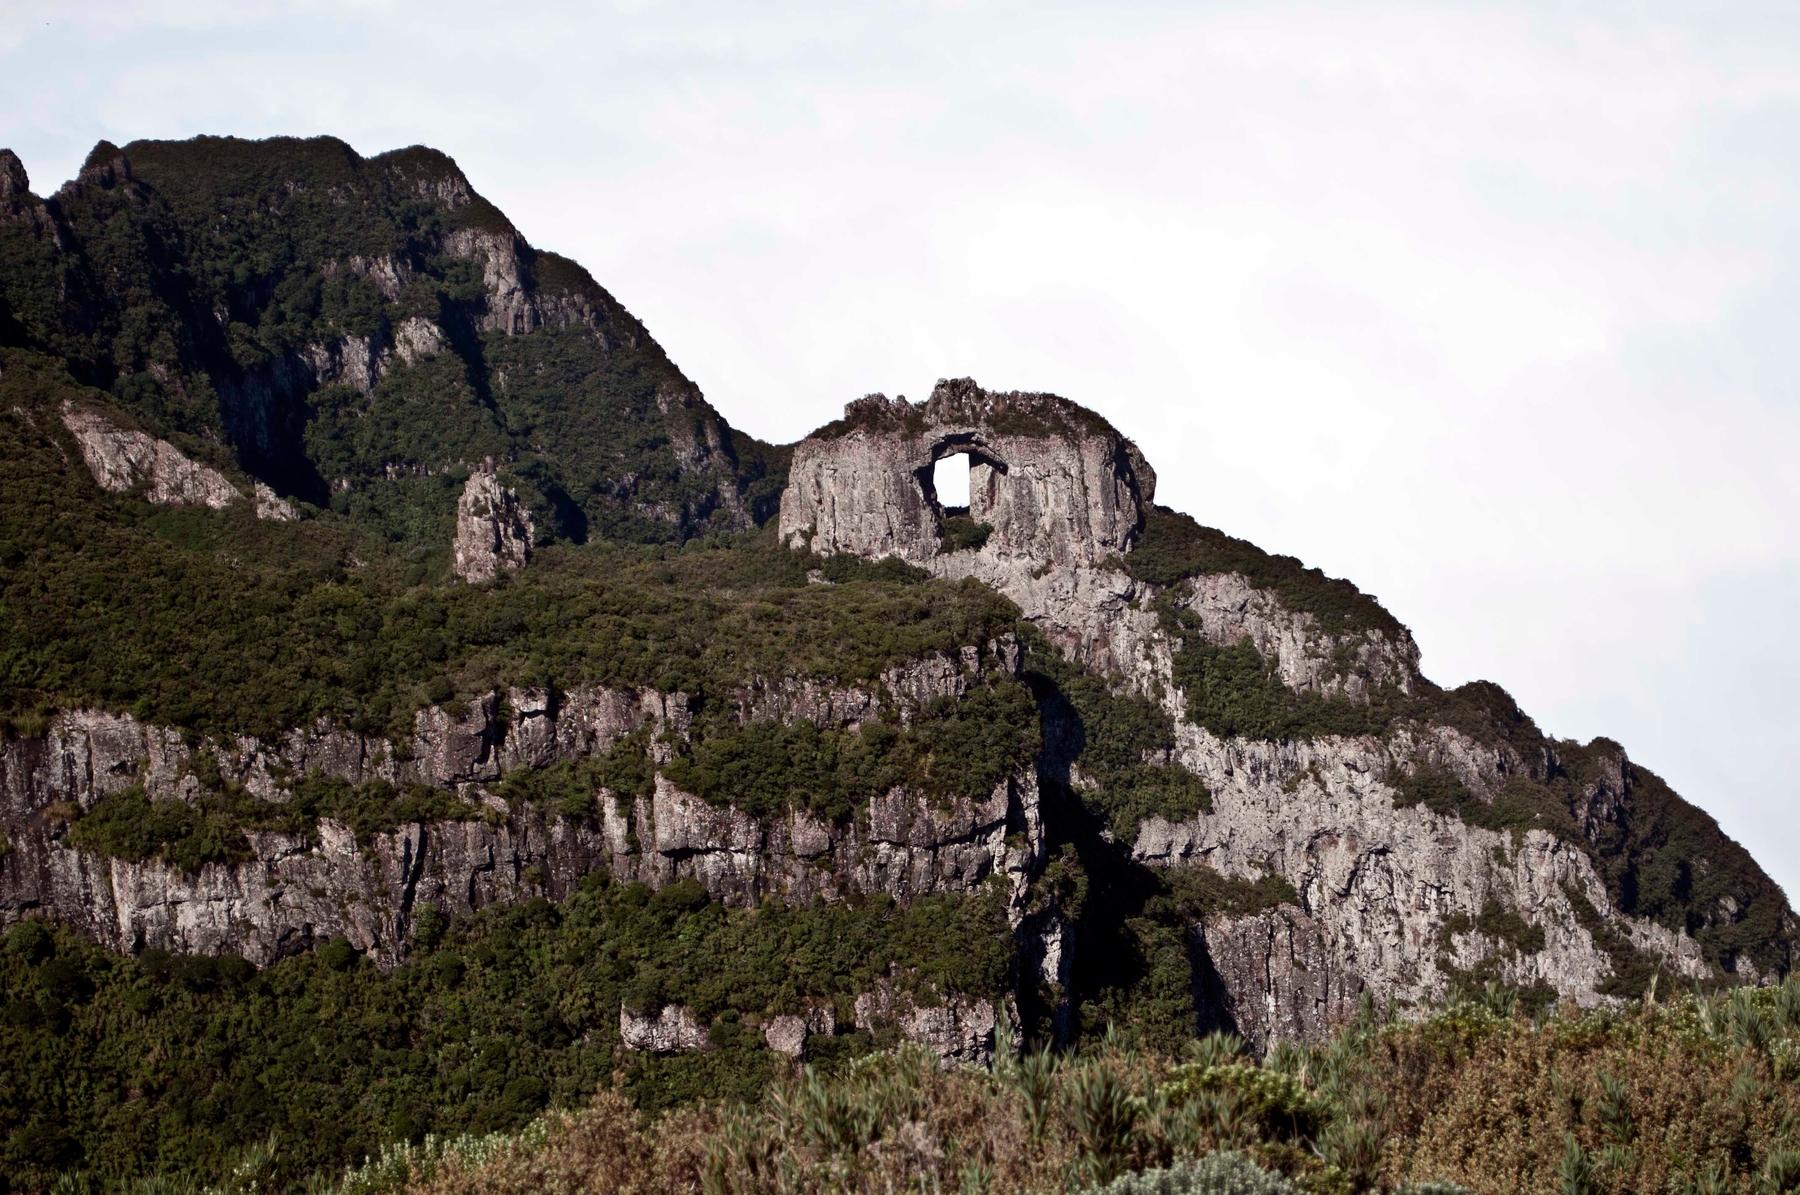 Monumento rochoso da Pedra Furada, excelente destino para as férias de julho.